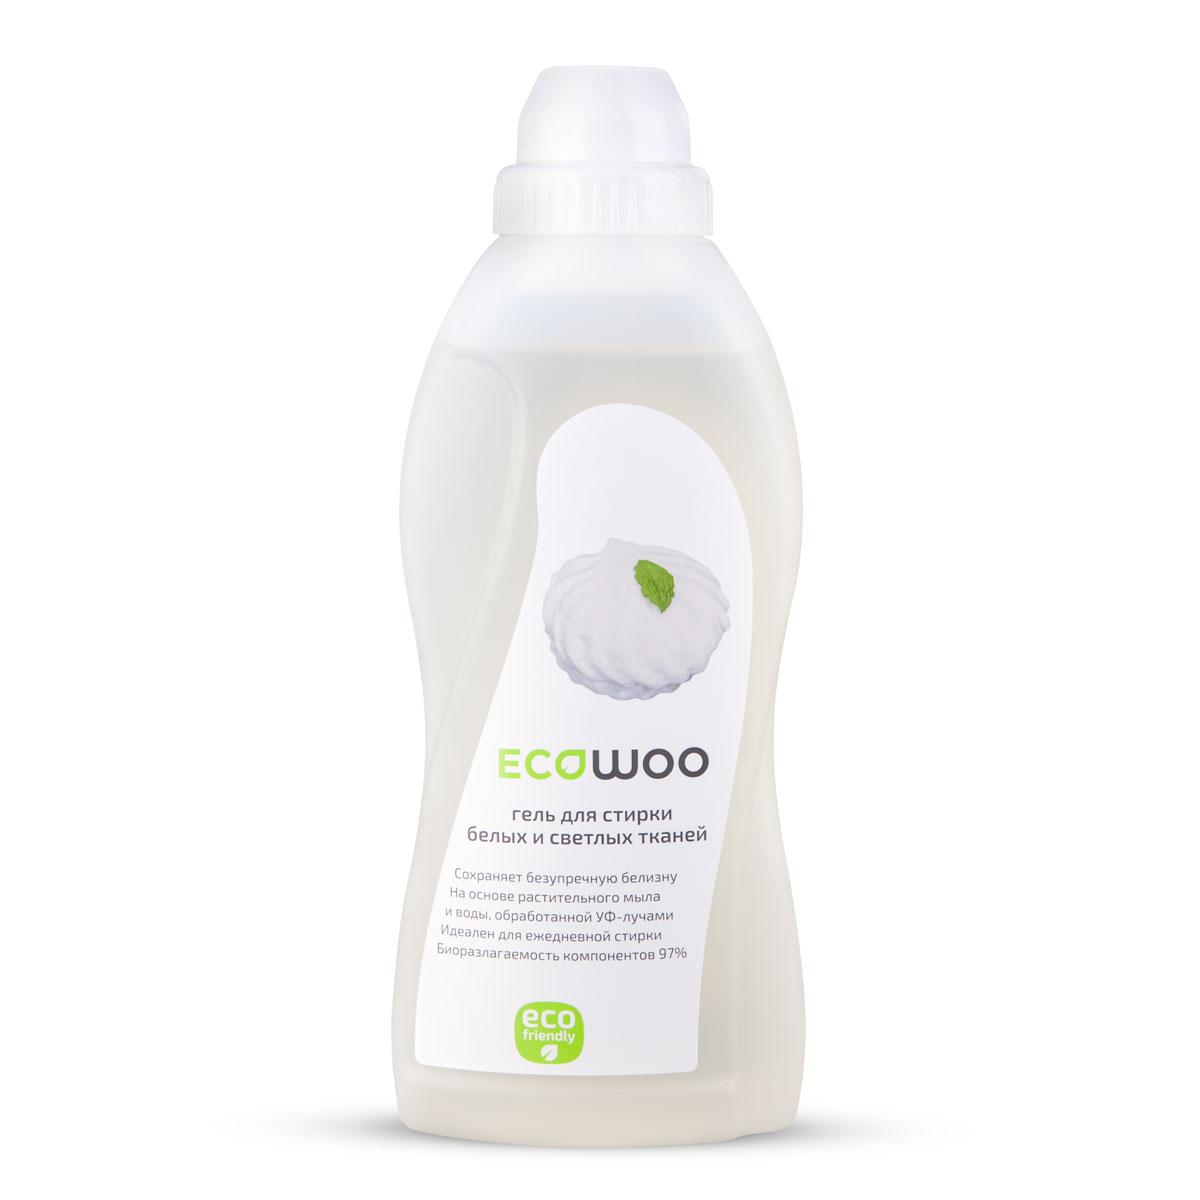 Гель EcoWoo для стирки белых и светлых тканей, 0,7 лЕ088163Сохраняет безупречную белизну. На основе растительного мыла и воды, обработанной УФ- лучами. Идеален для ежедневной стирки. Биоразлагаемость компонентов 97%. Формула ECOWOO обеспечивает бережный уход за белым бельем и светлыми вещами. Не допускает появления желтизны и серого налета на вещах.